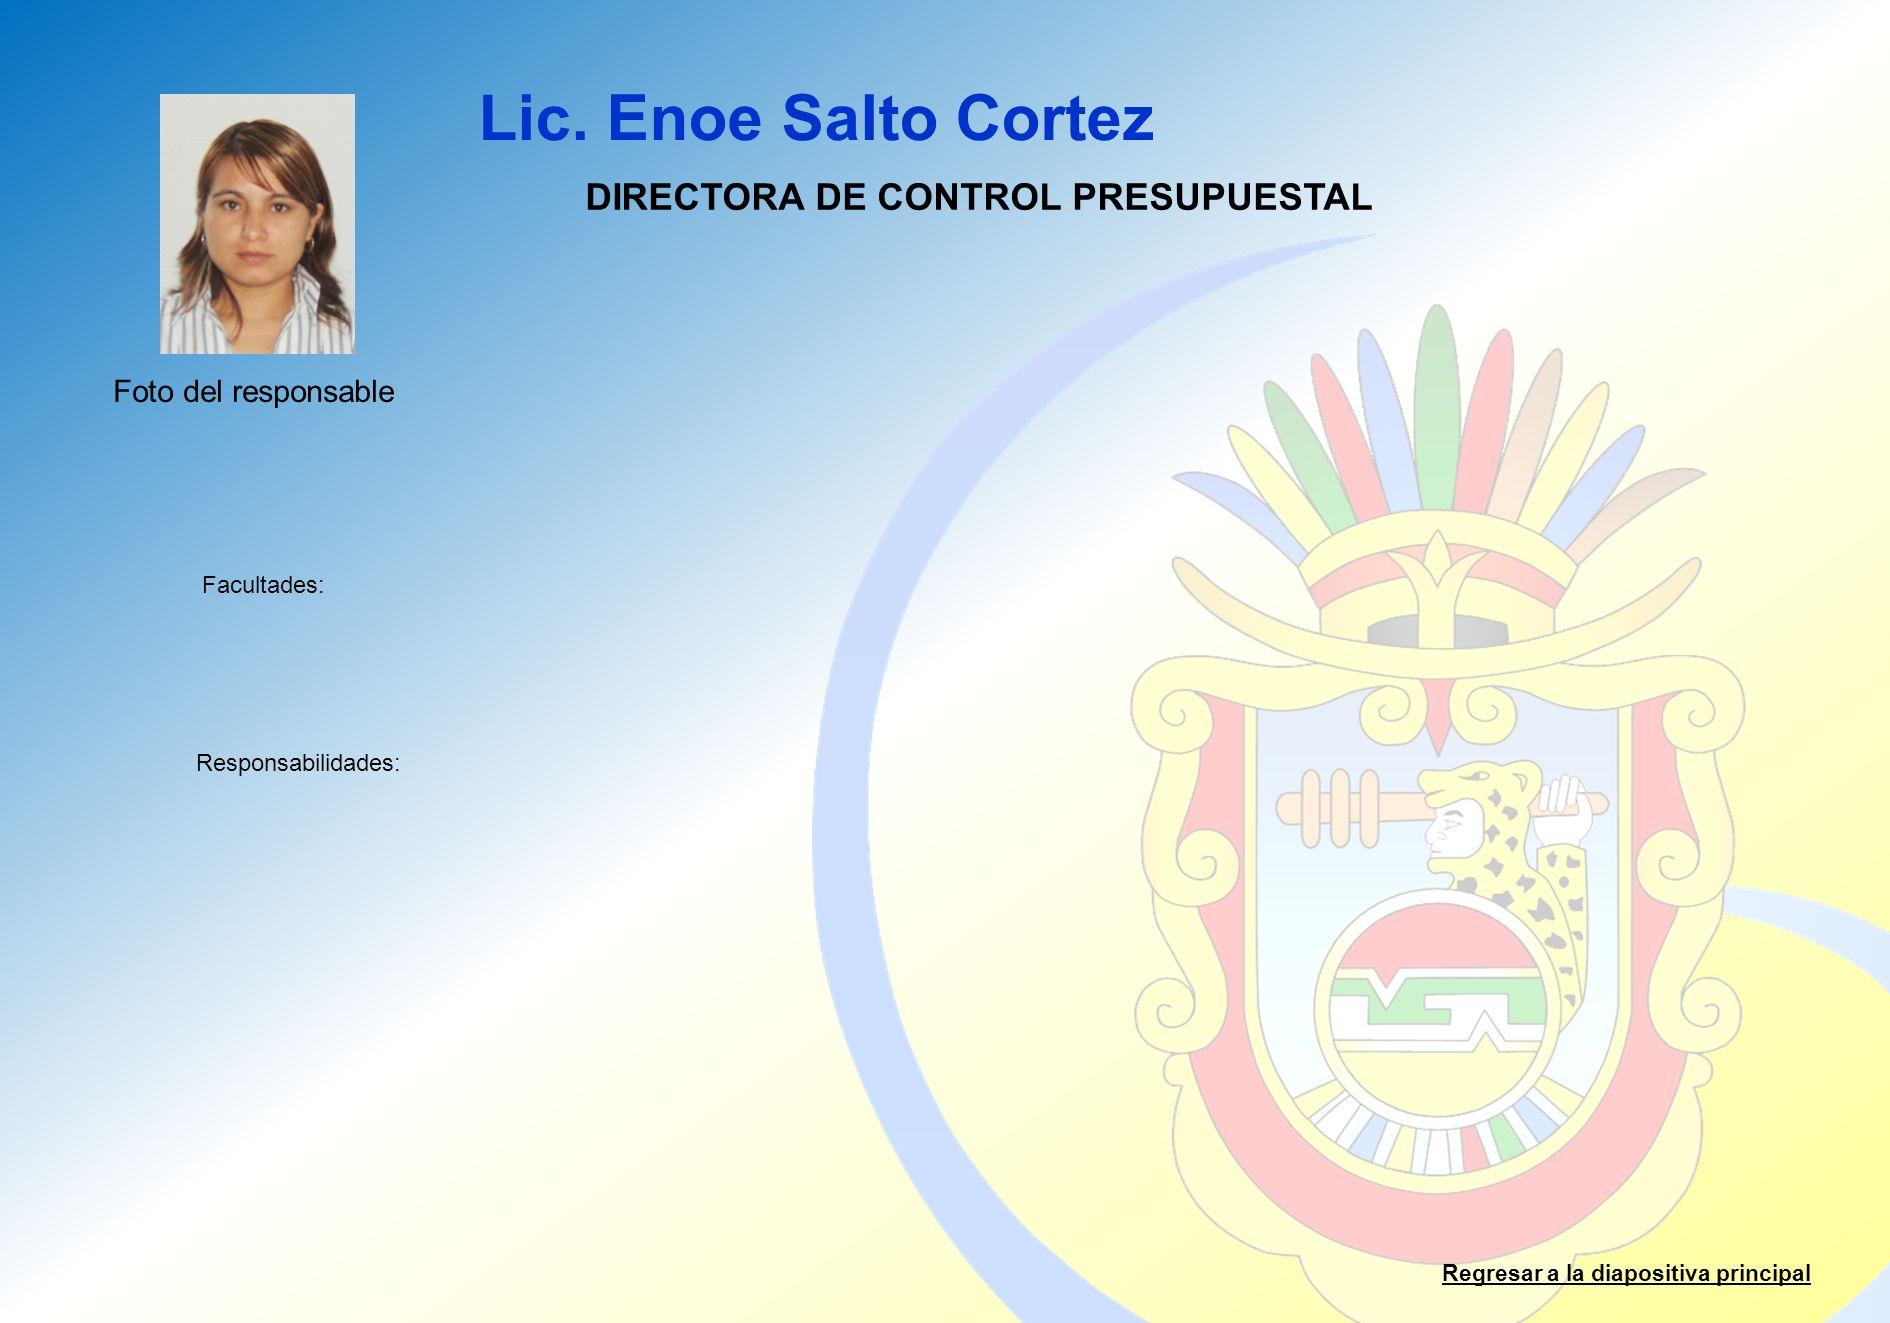 DIRECTORA DE CONTROL PRESUPUESTAL